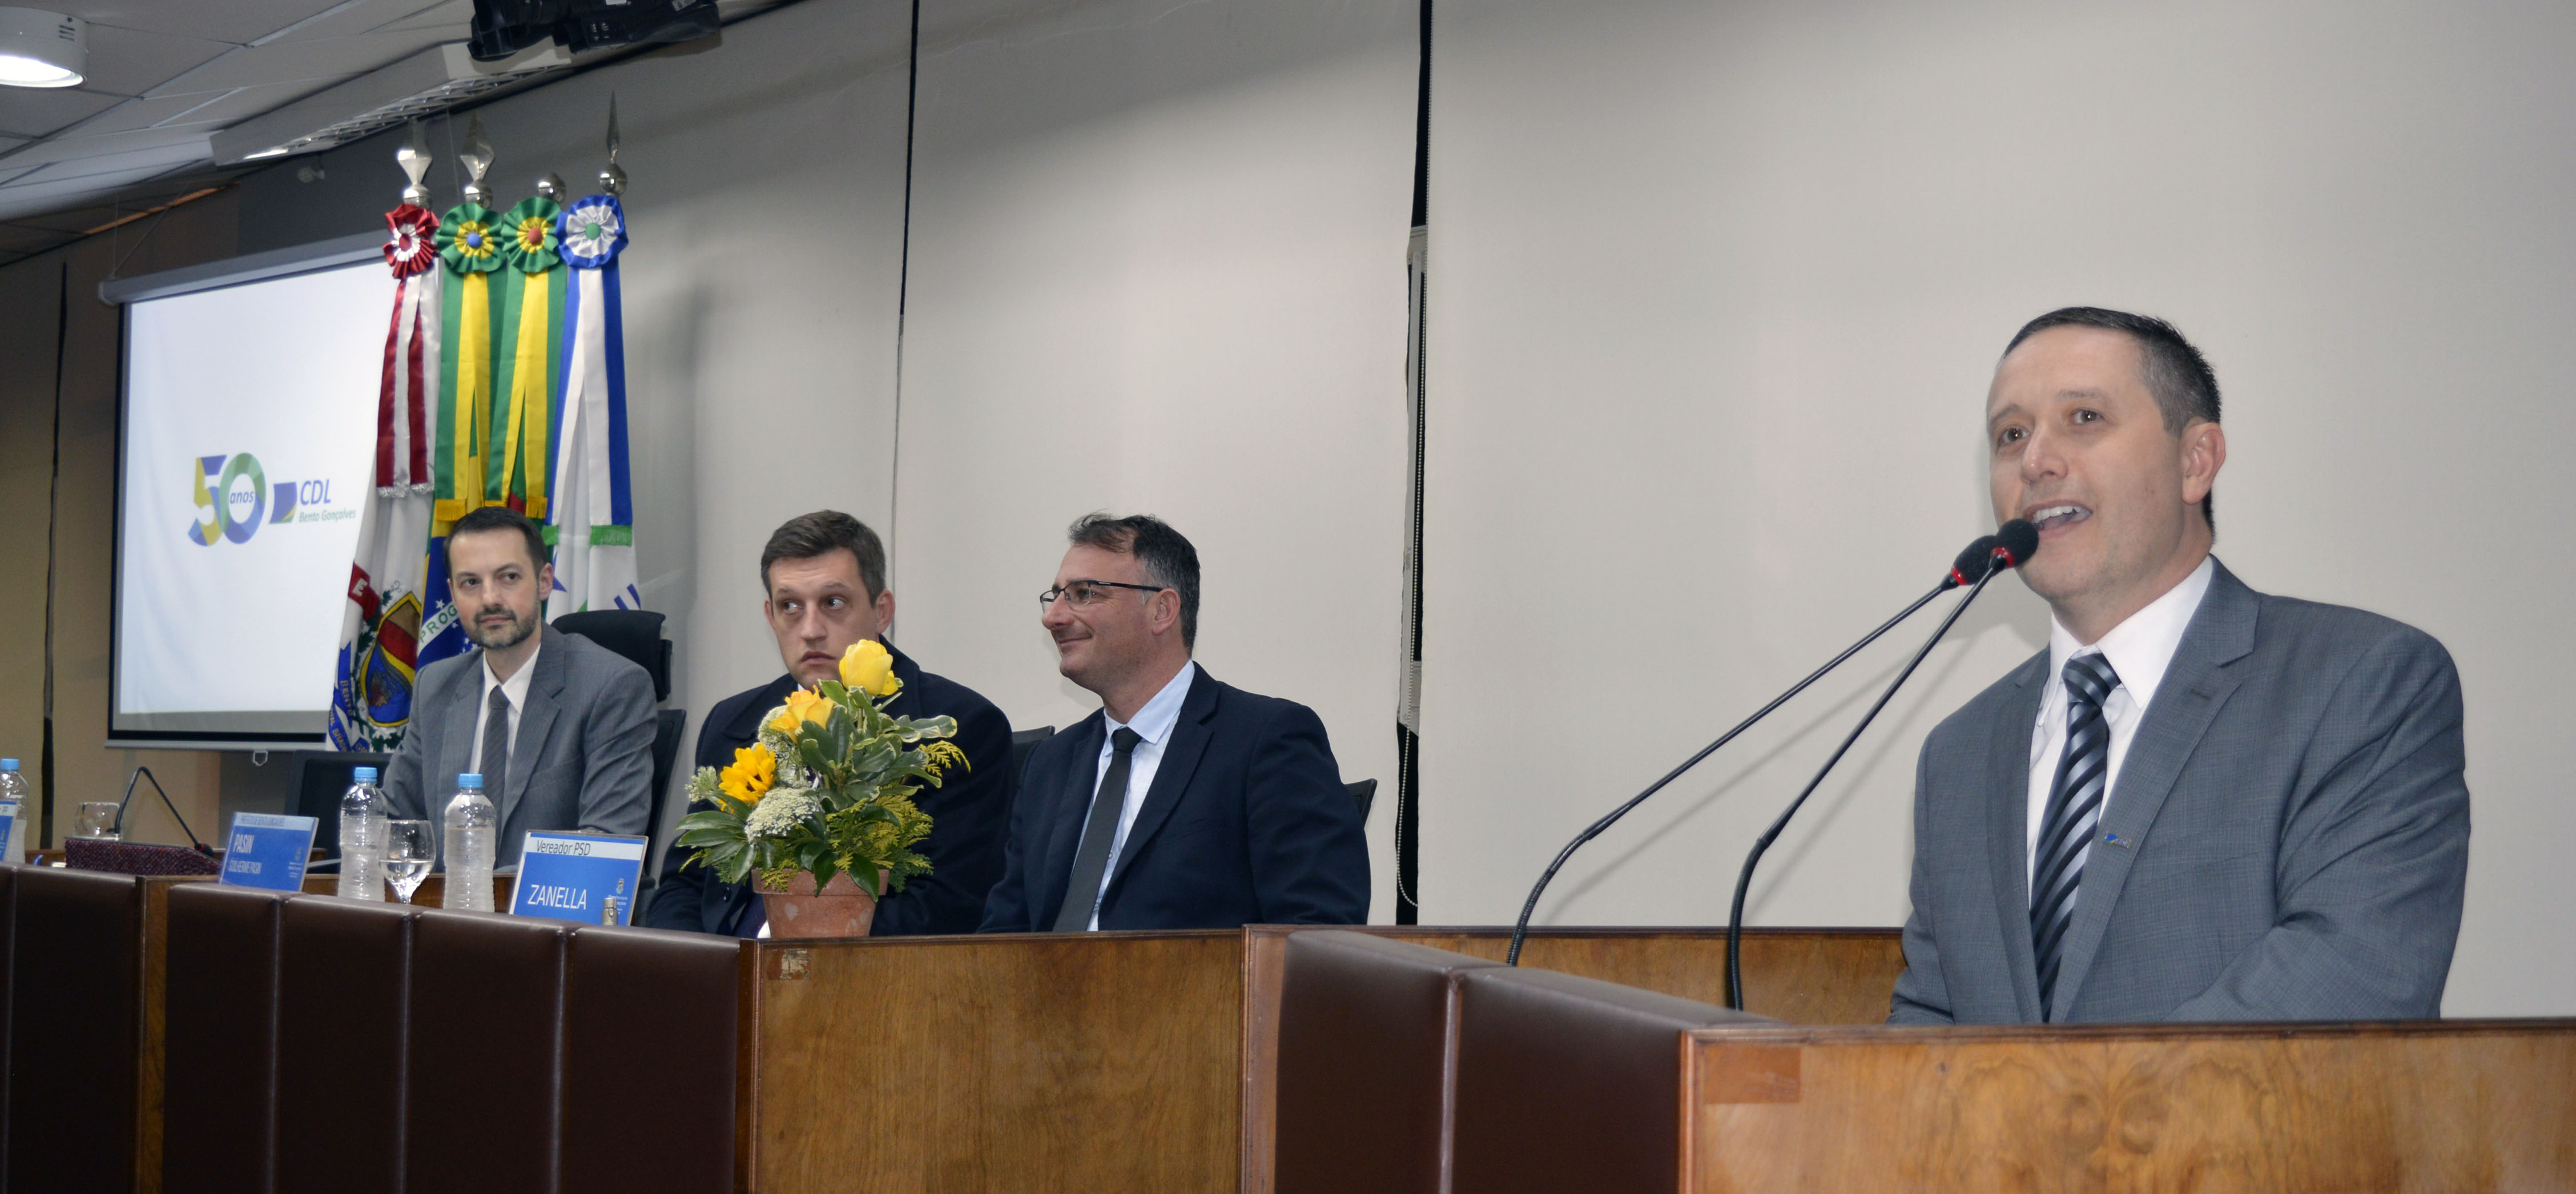 Presidente Da CDL BG, Marcos Carbone